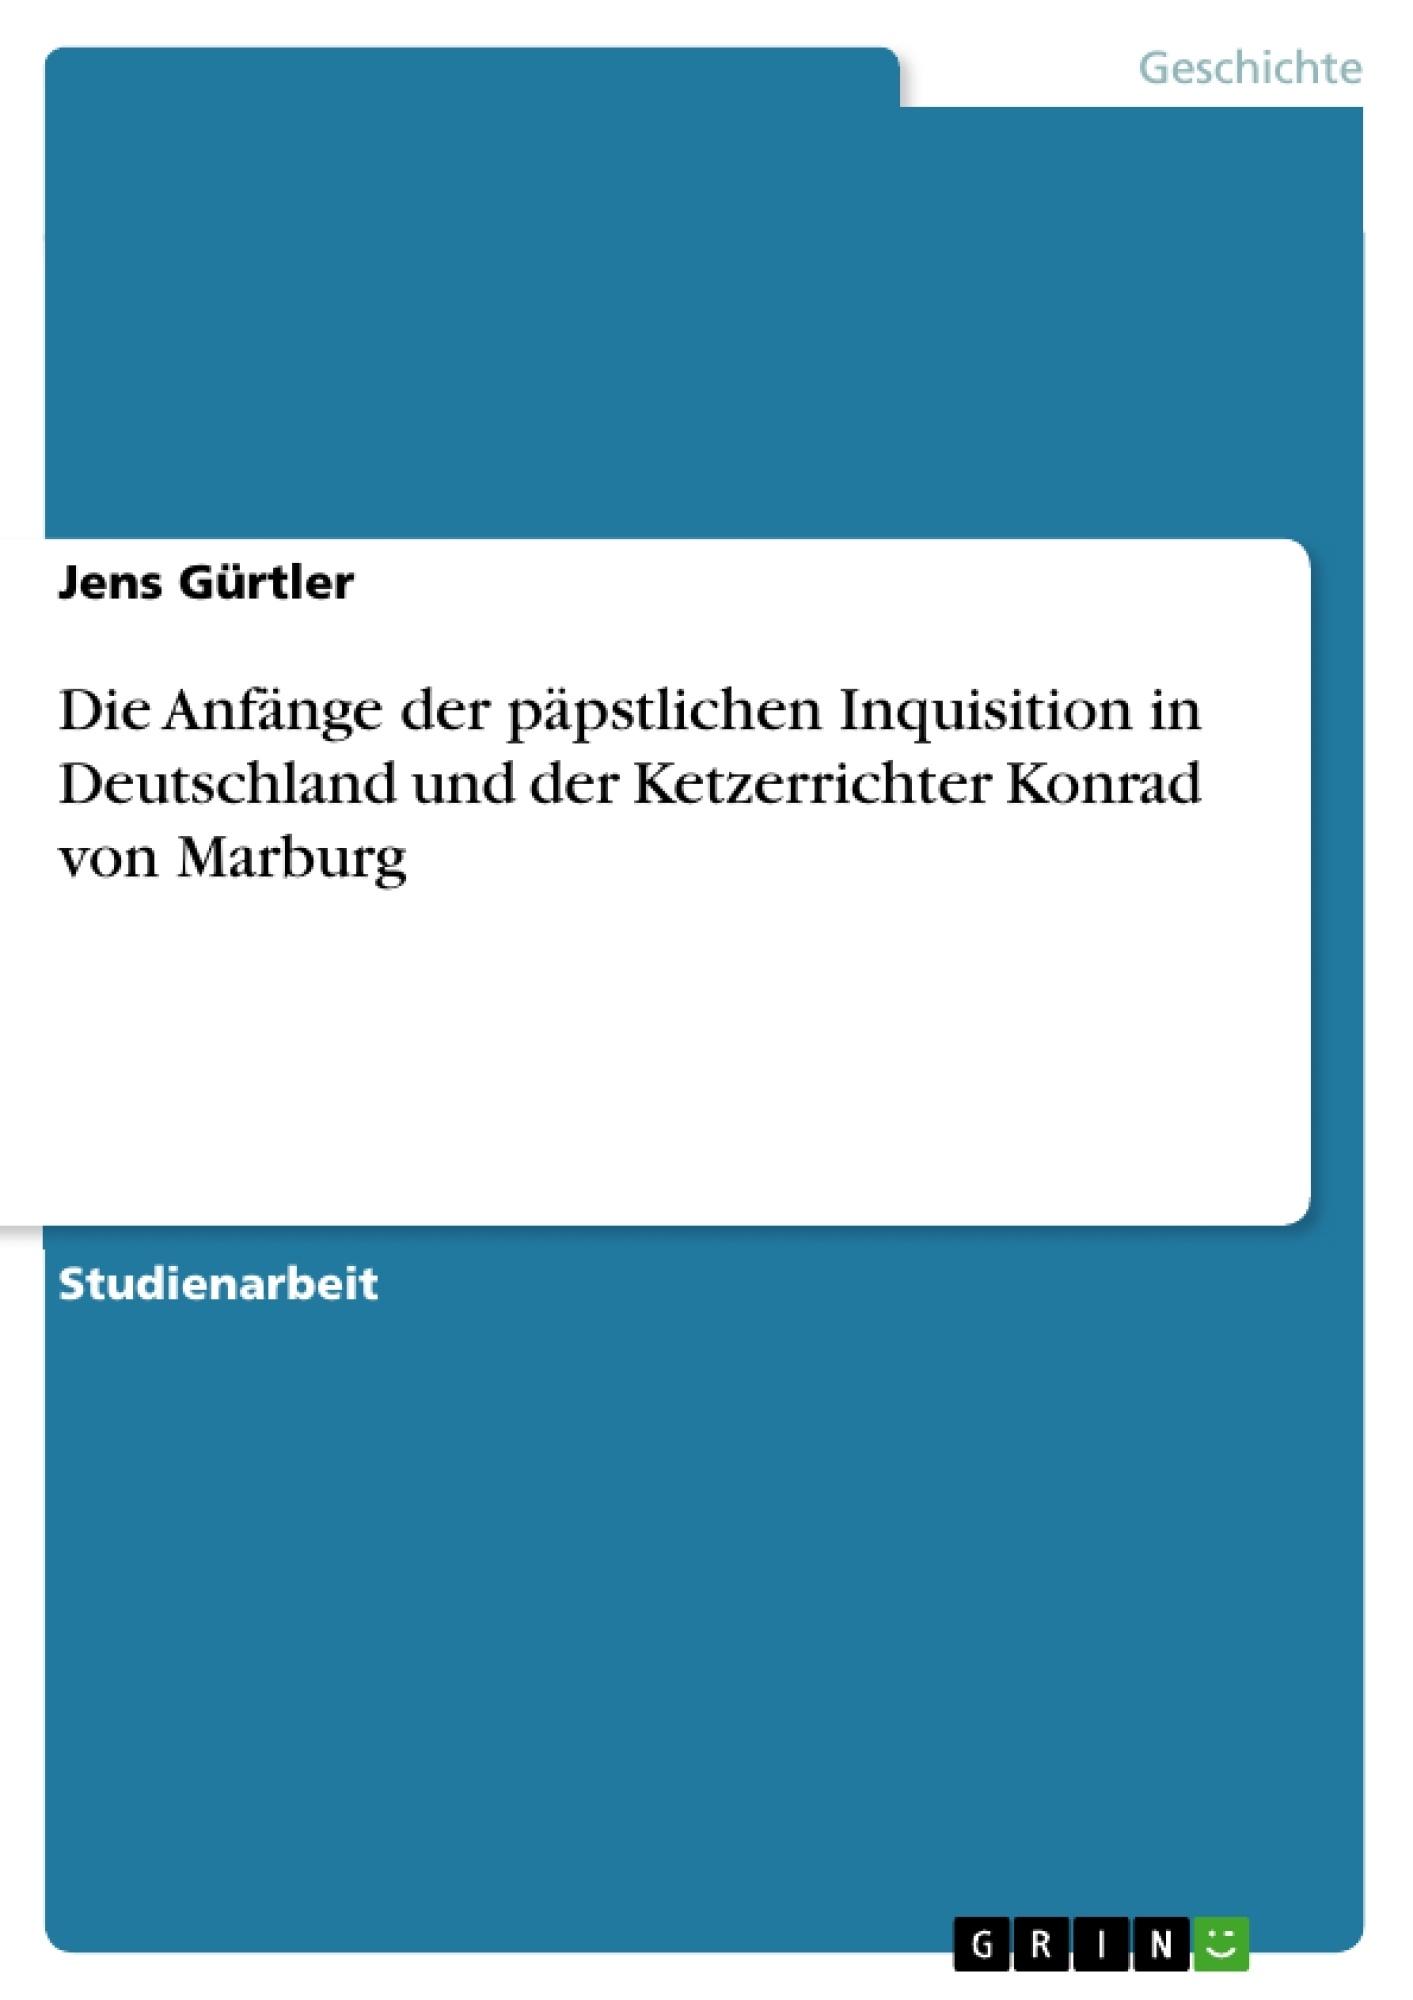 Titel: Die Anfänge der päpstlichen Inquisition in Deutschland und der Ketzerrichter Konrad von Marburg